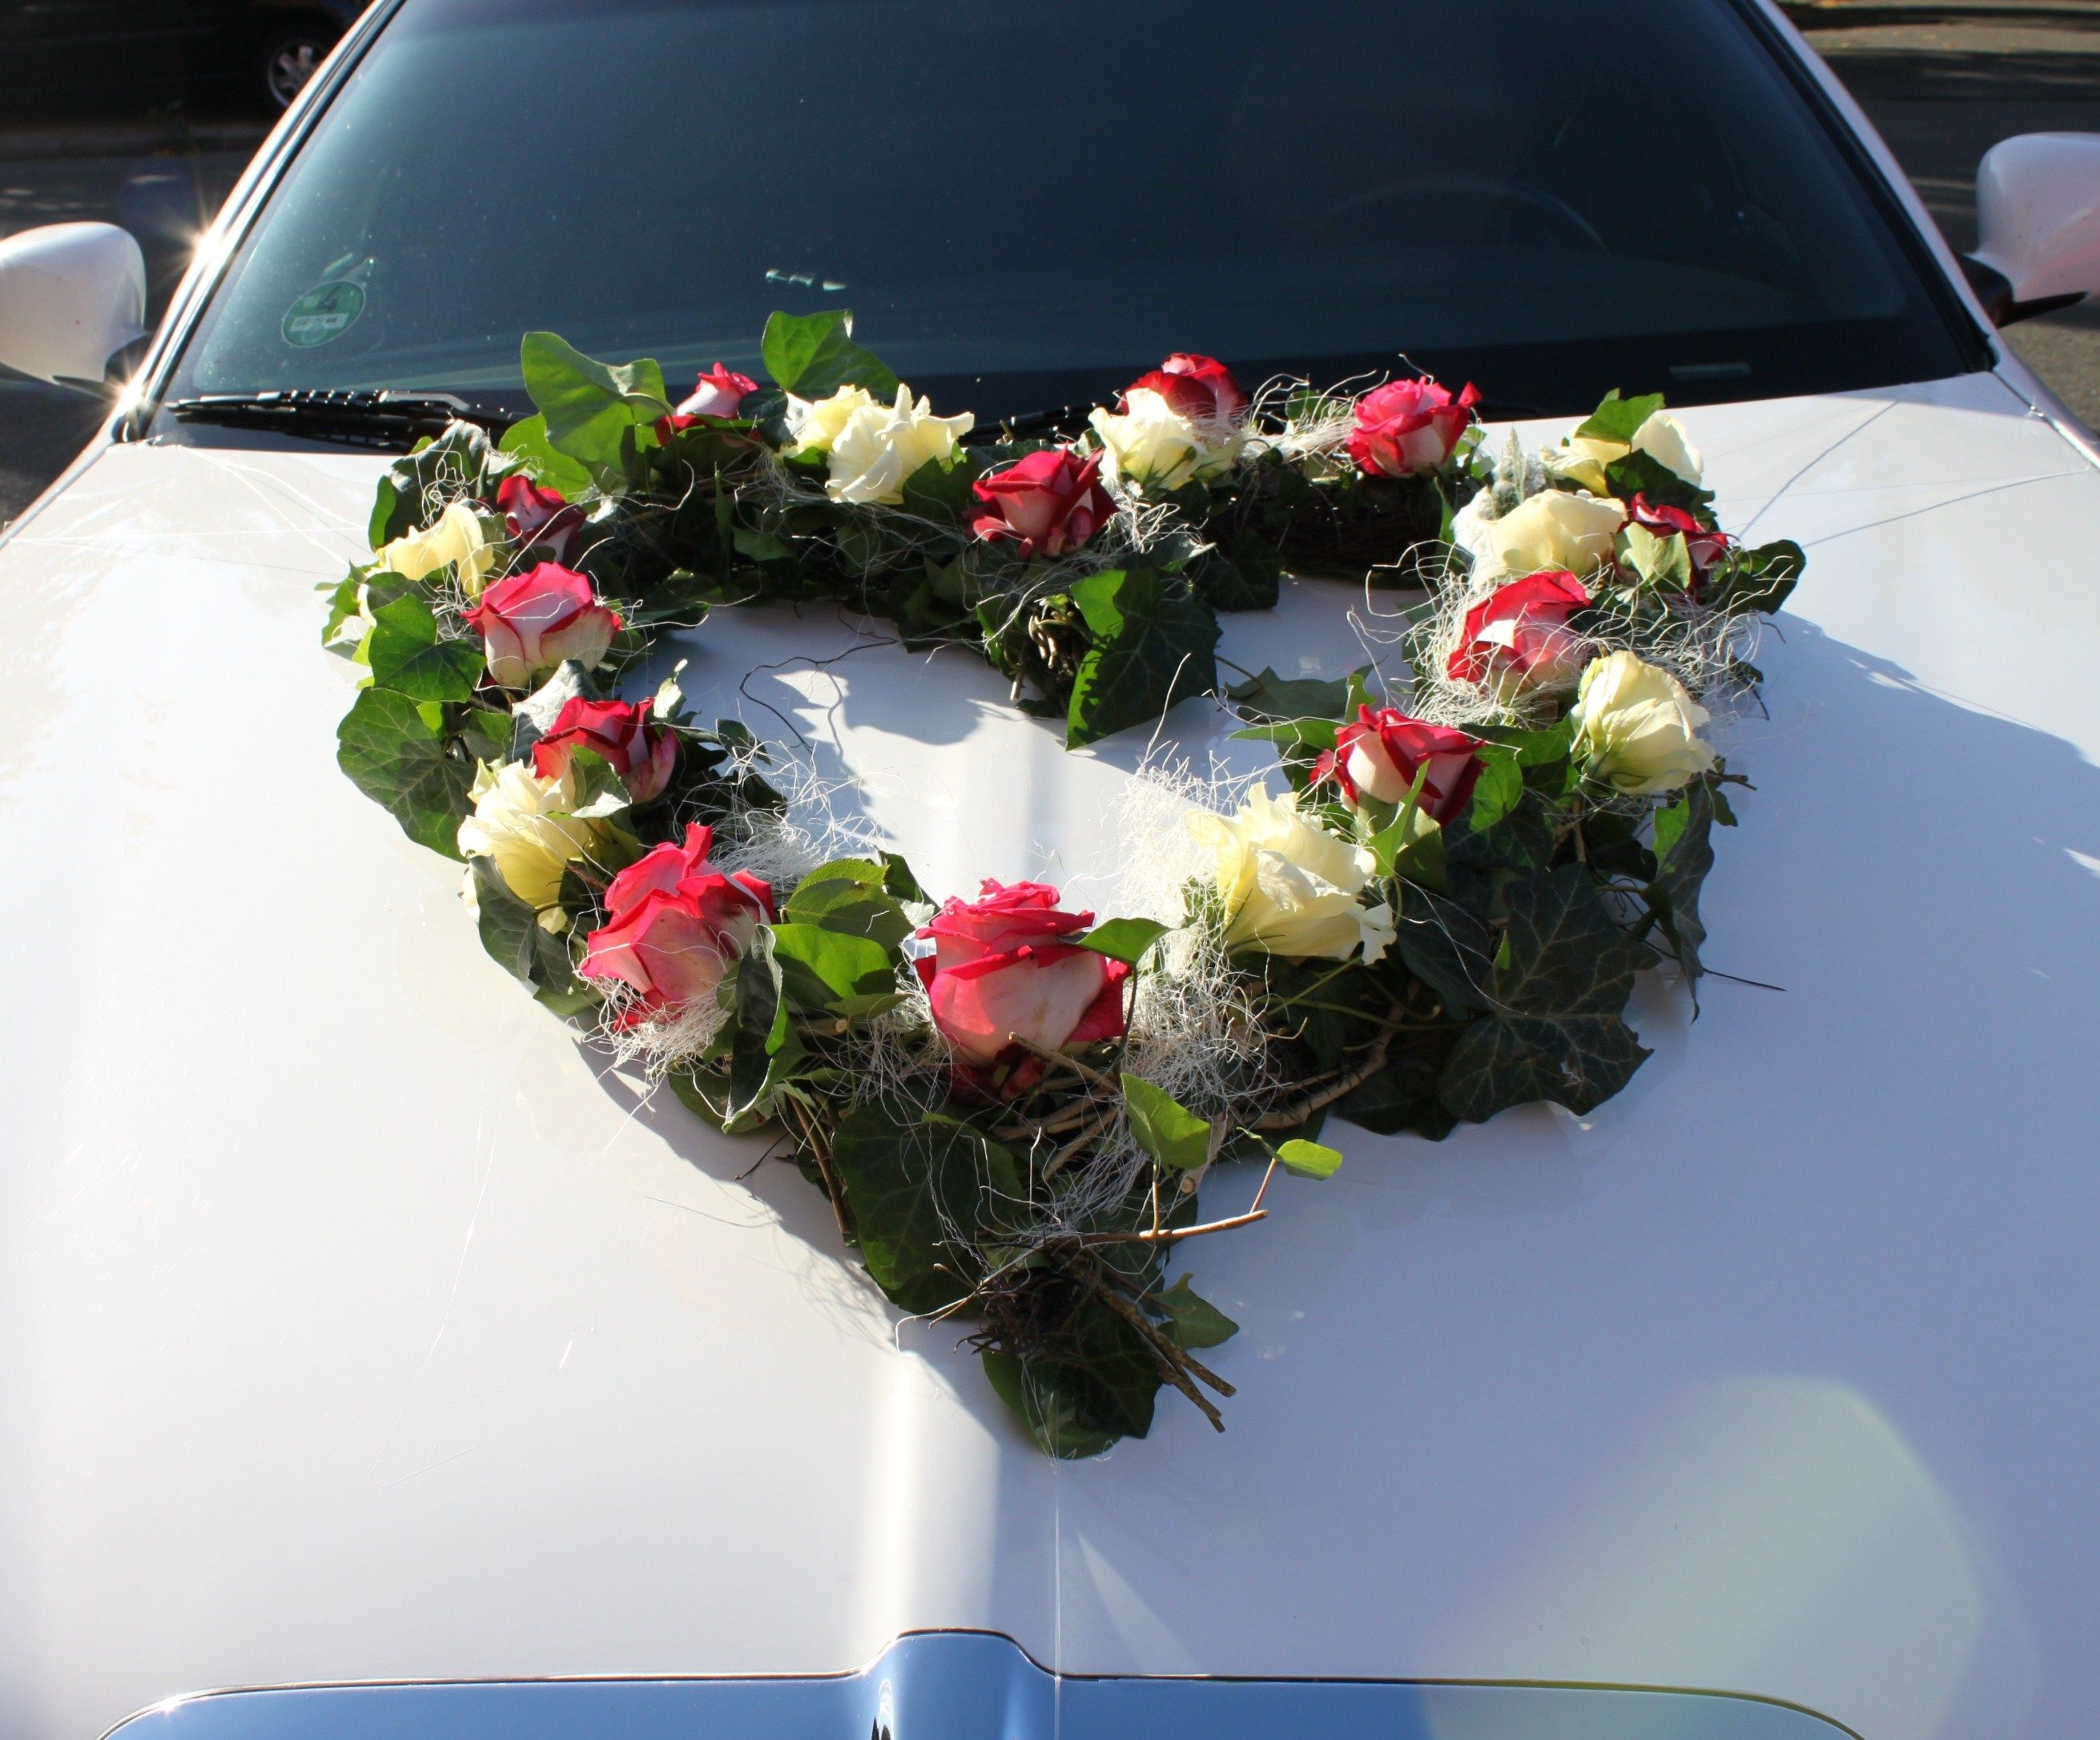 Kostenlose Foto Blume Feier Herz Fahrzeug Romantisch Auto